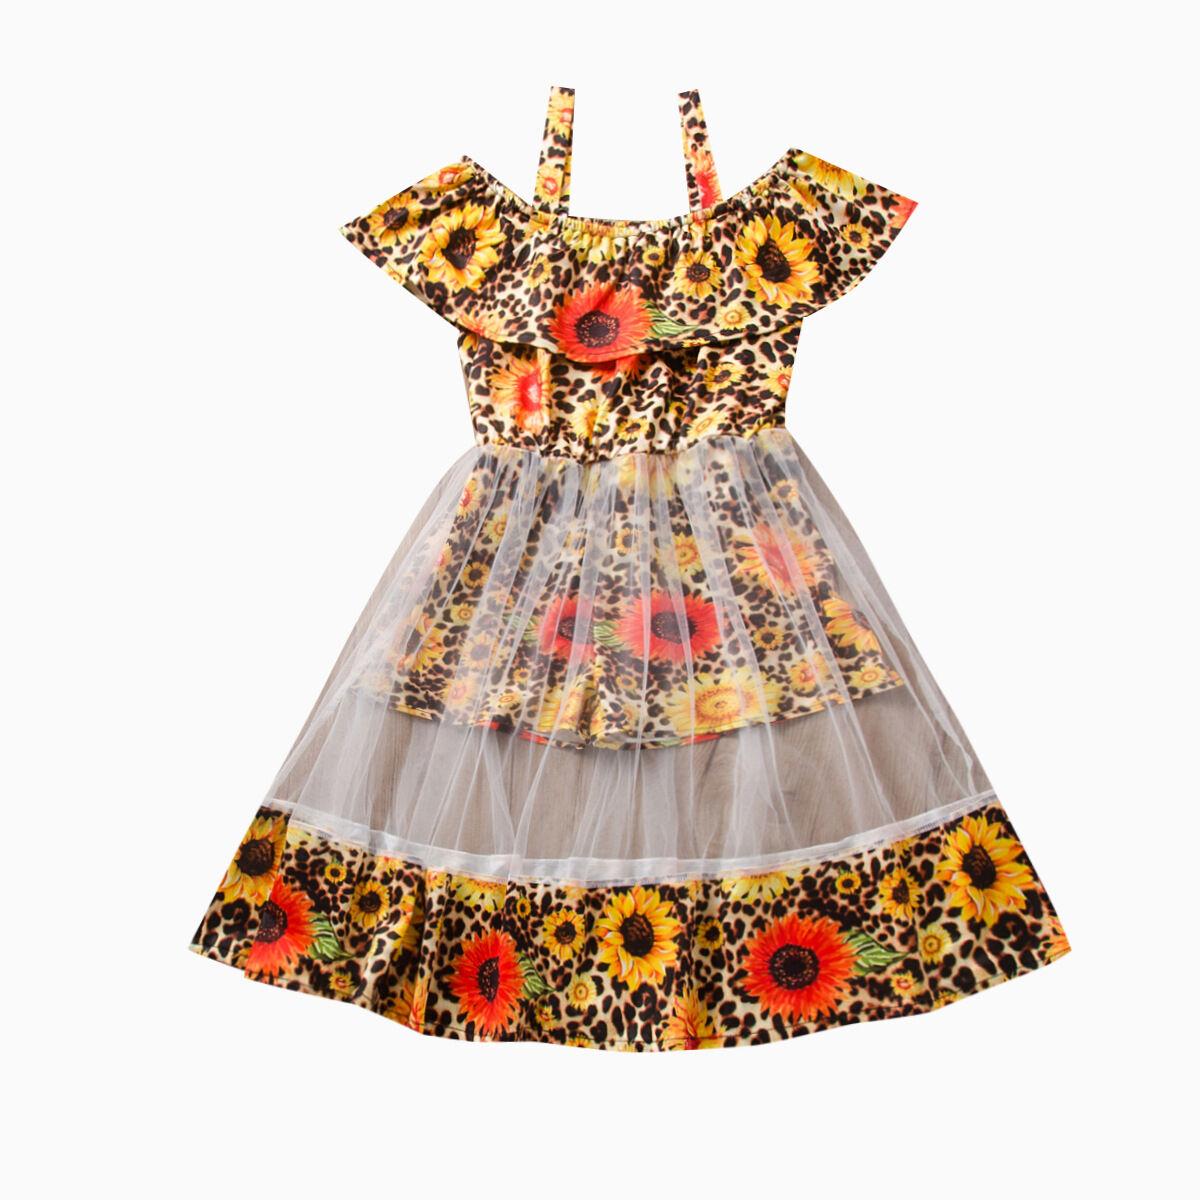 Mode Bébé fille robe coton régulier Bébé Anniversaire Tutu Vêtements Fête Combinaison filles tournesol plage Barboteuse Robe